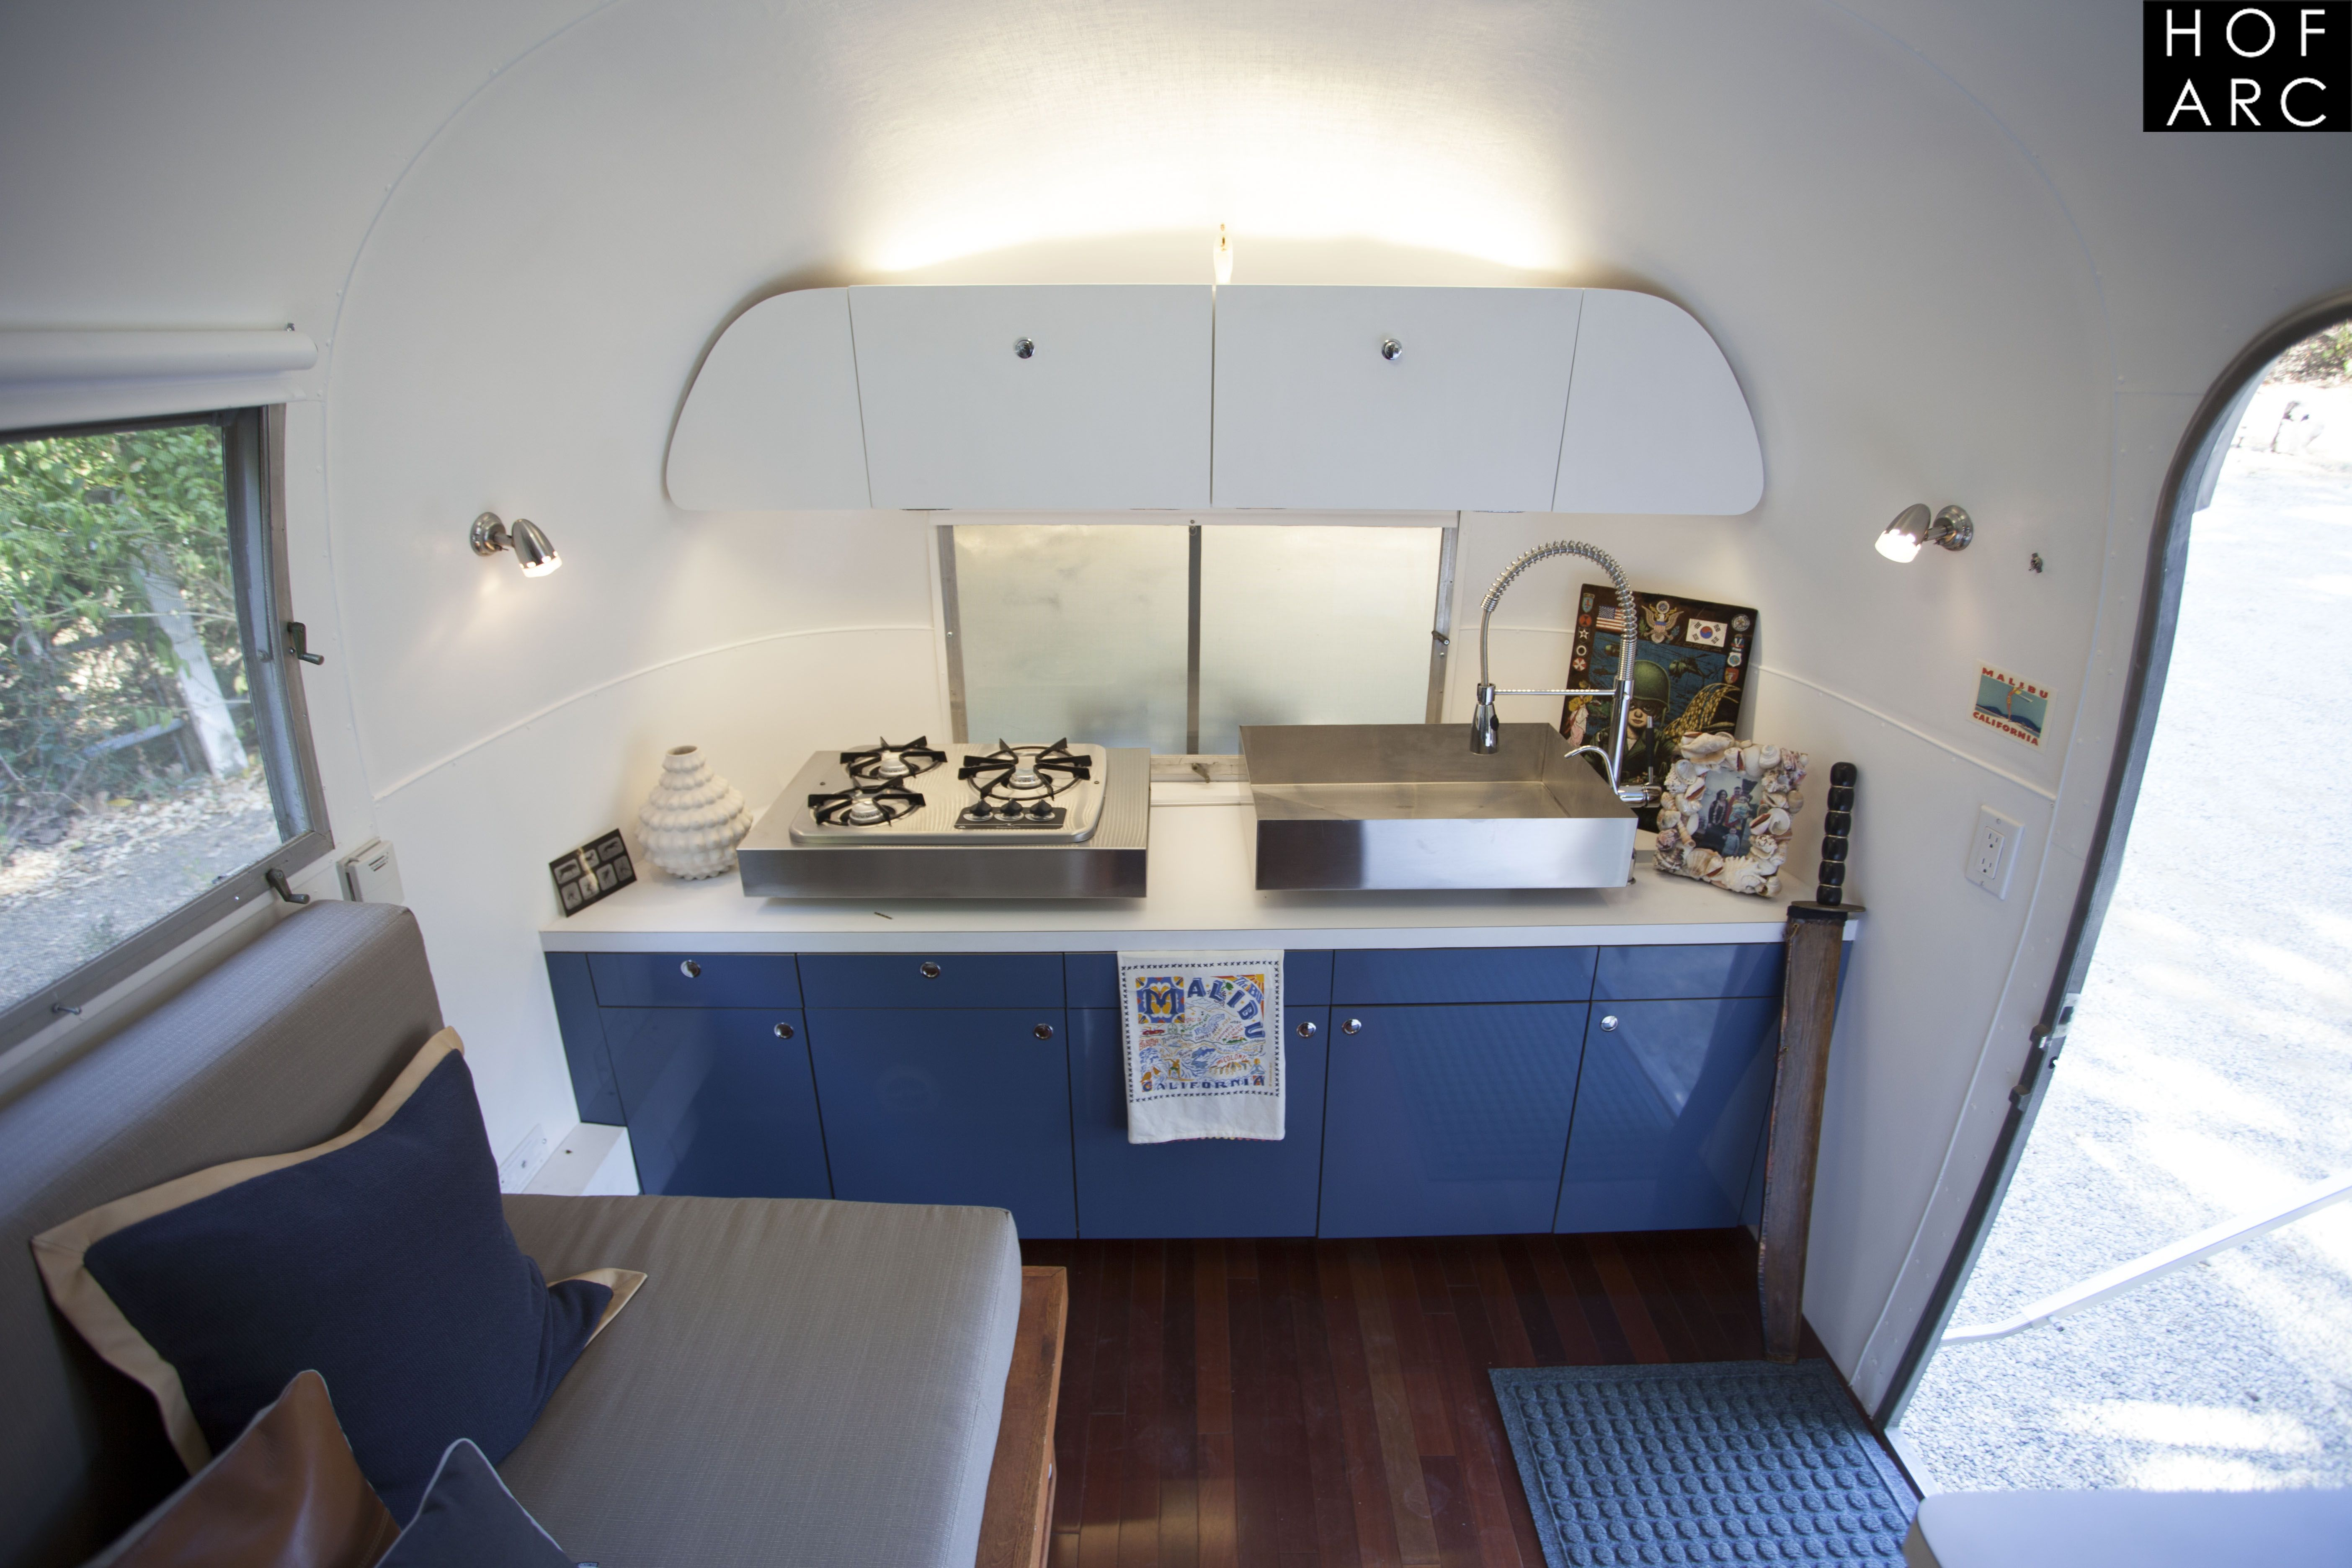 1967 Airstream Caravel Airstream Interior Airstream Interior